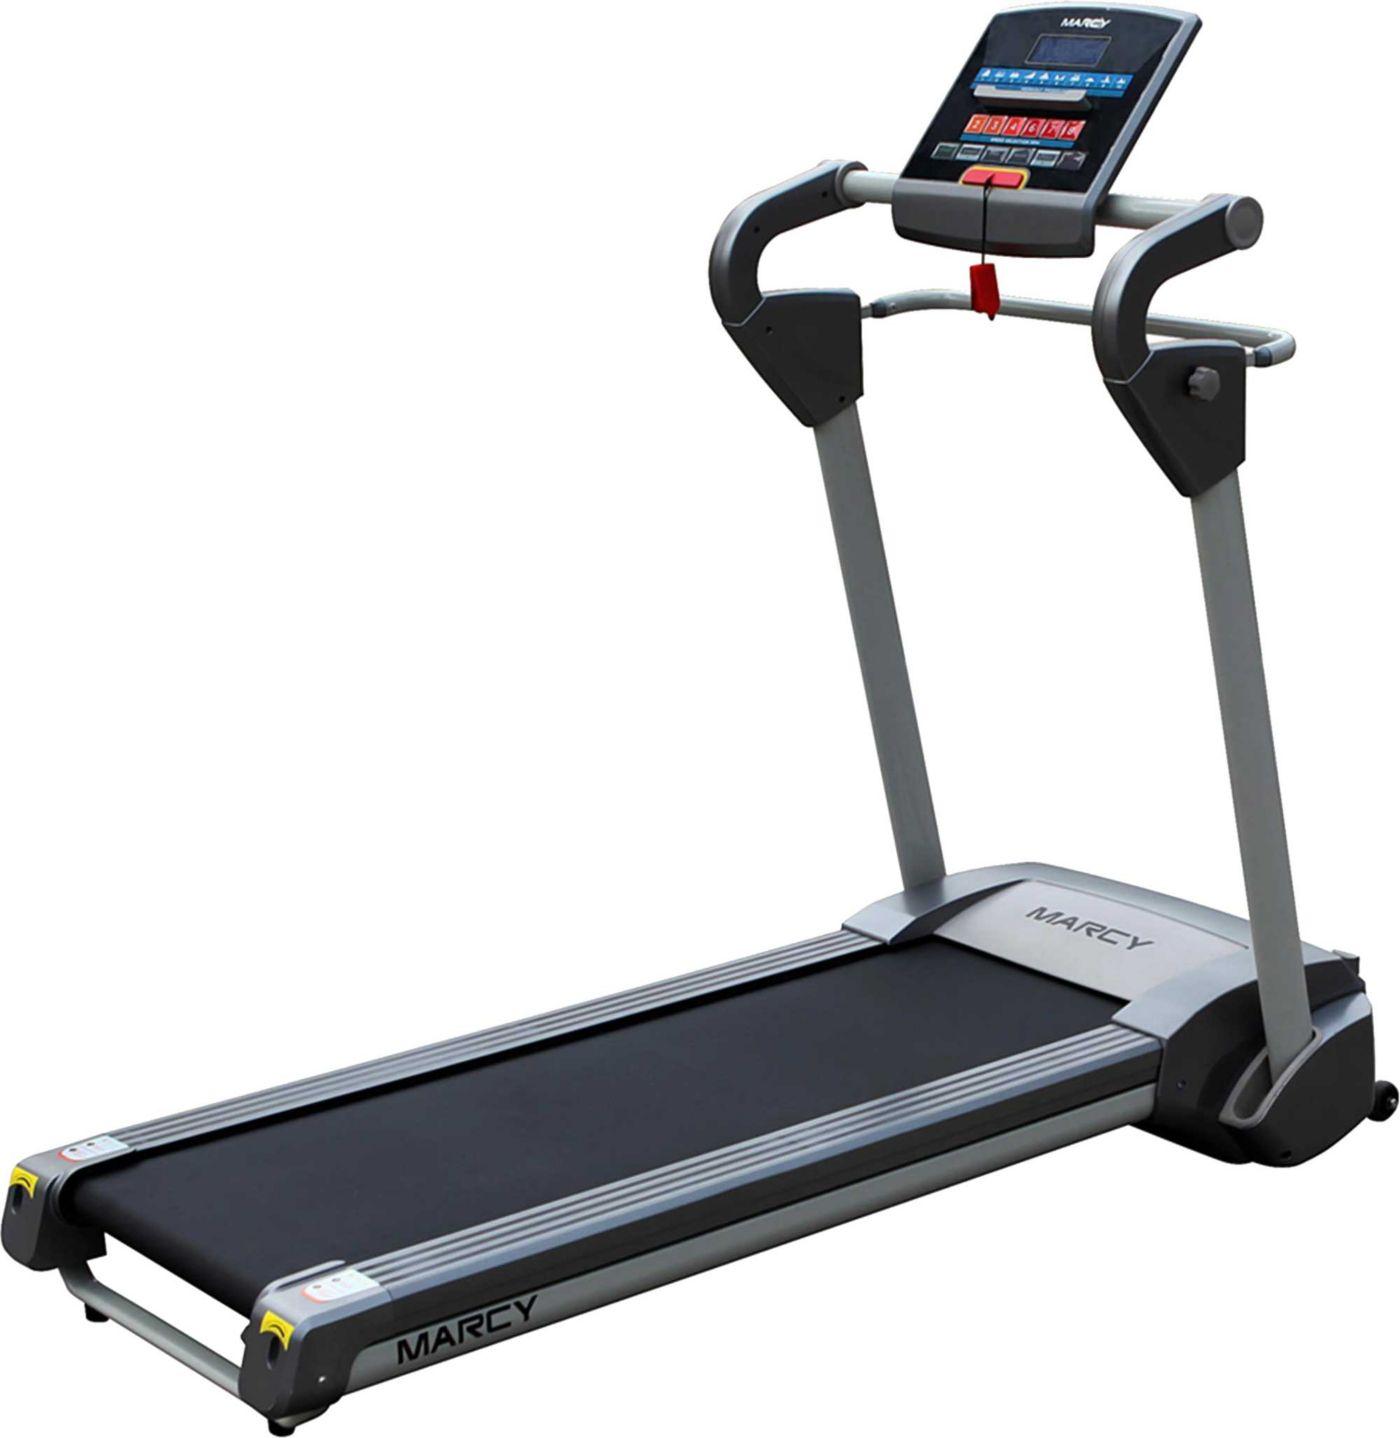 Marcy JX-651BW Easy Folding Motorized Treadmill